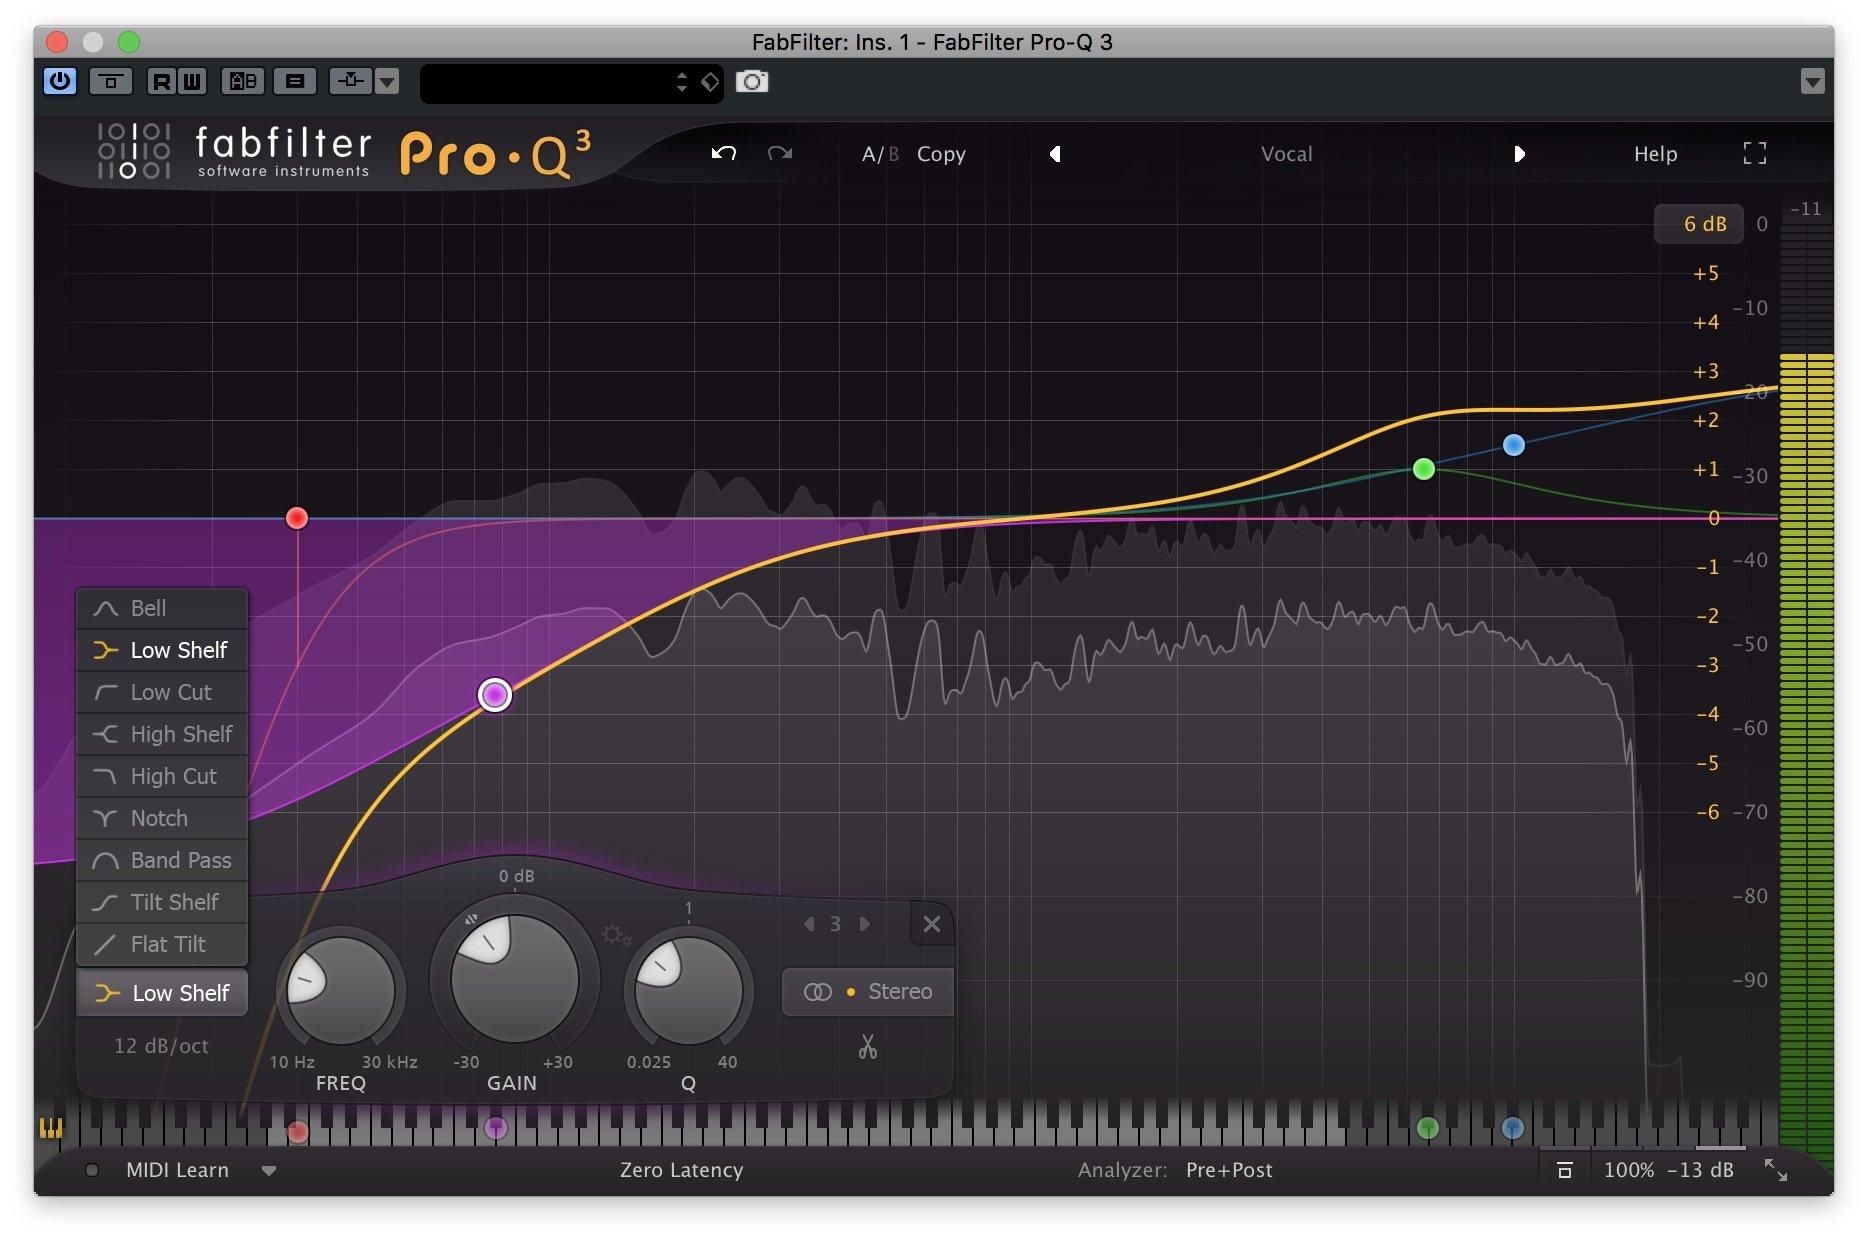 FabFilter Pro-Q 3 - Curve di equalizzazione